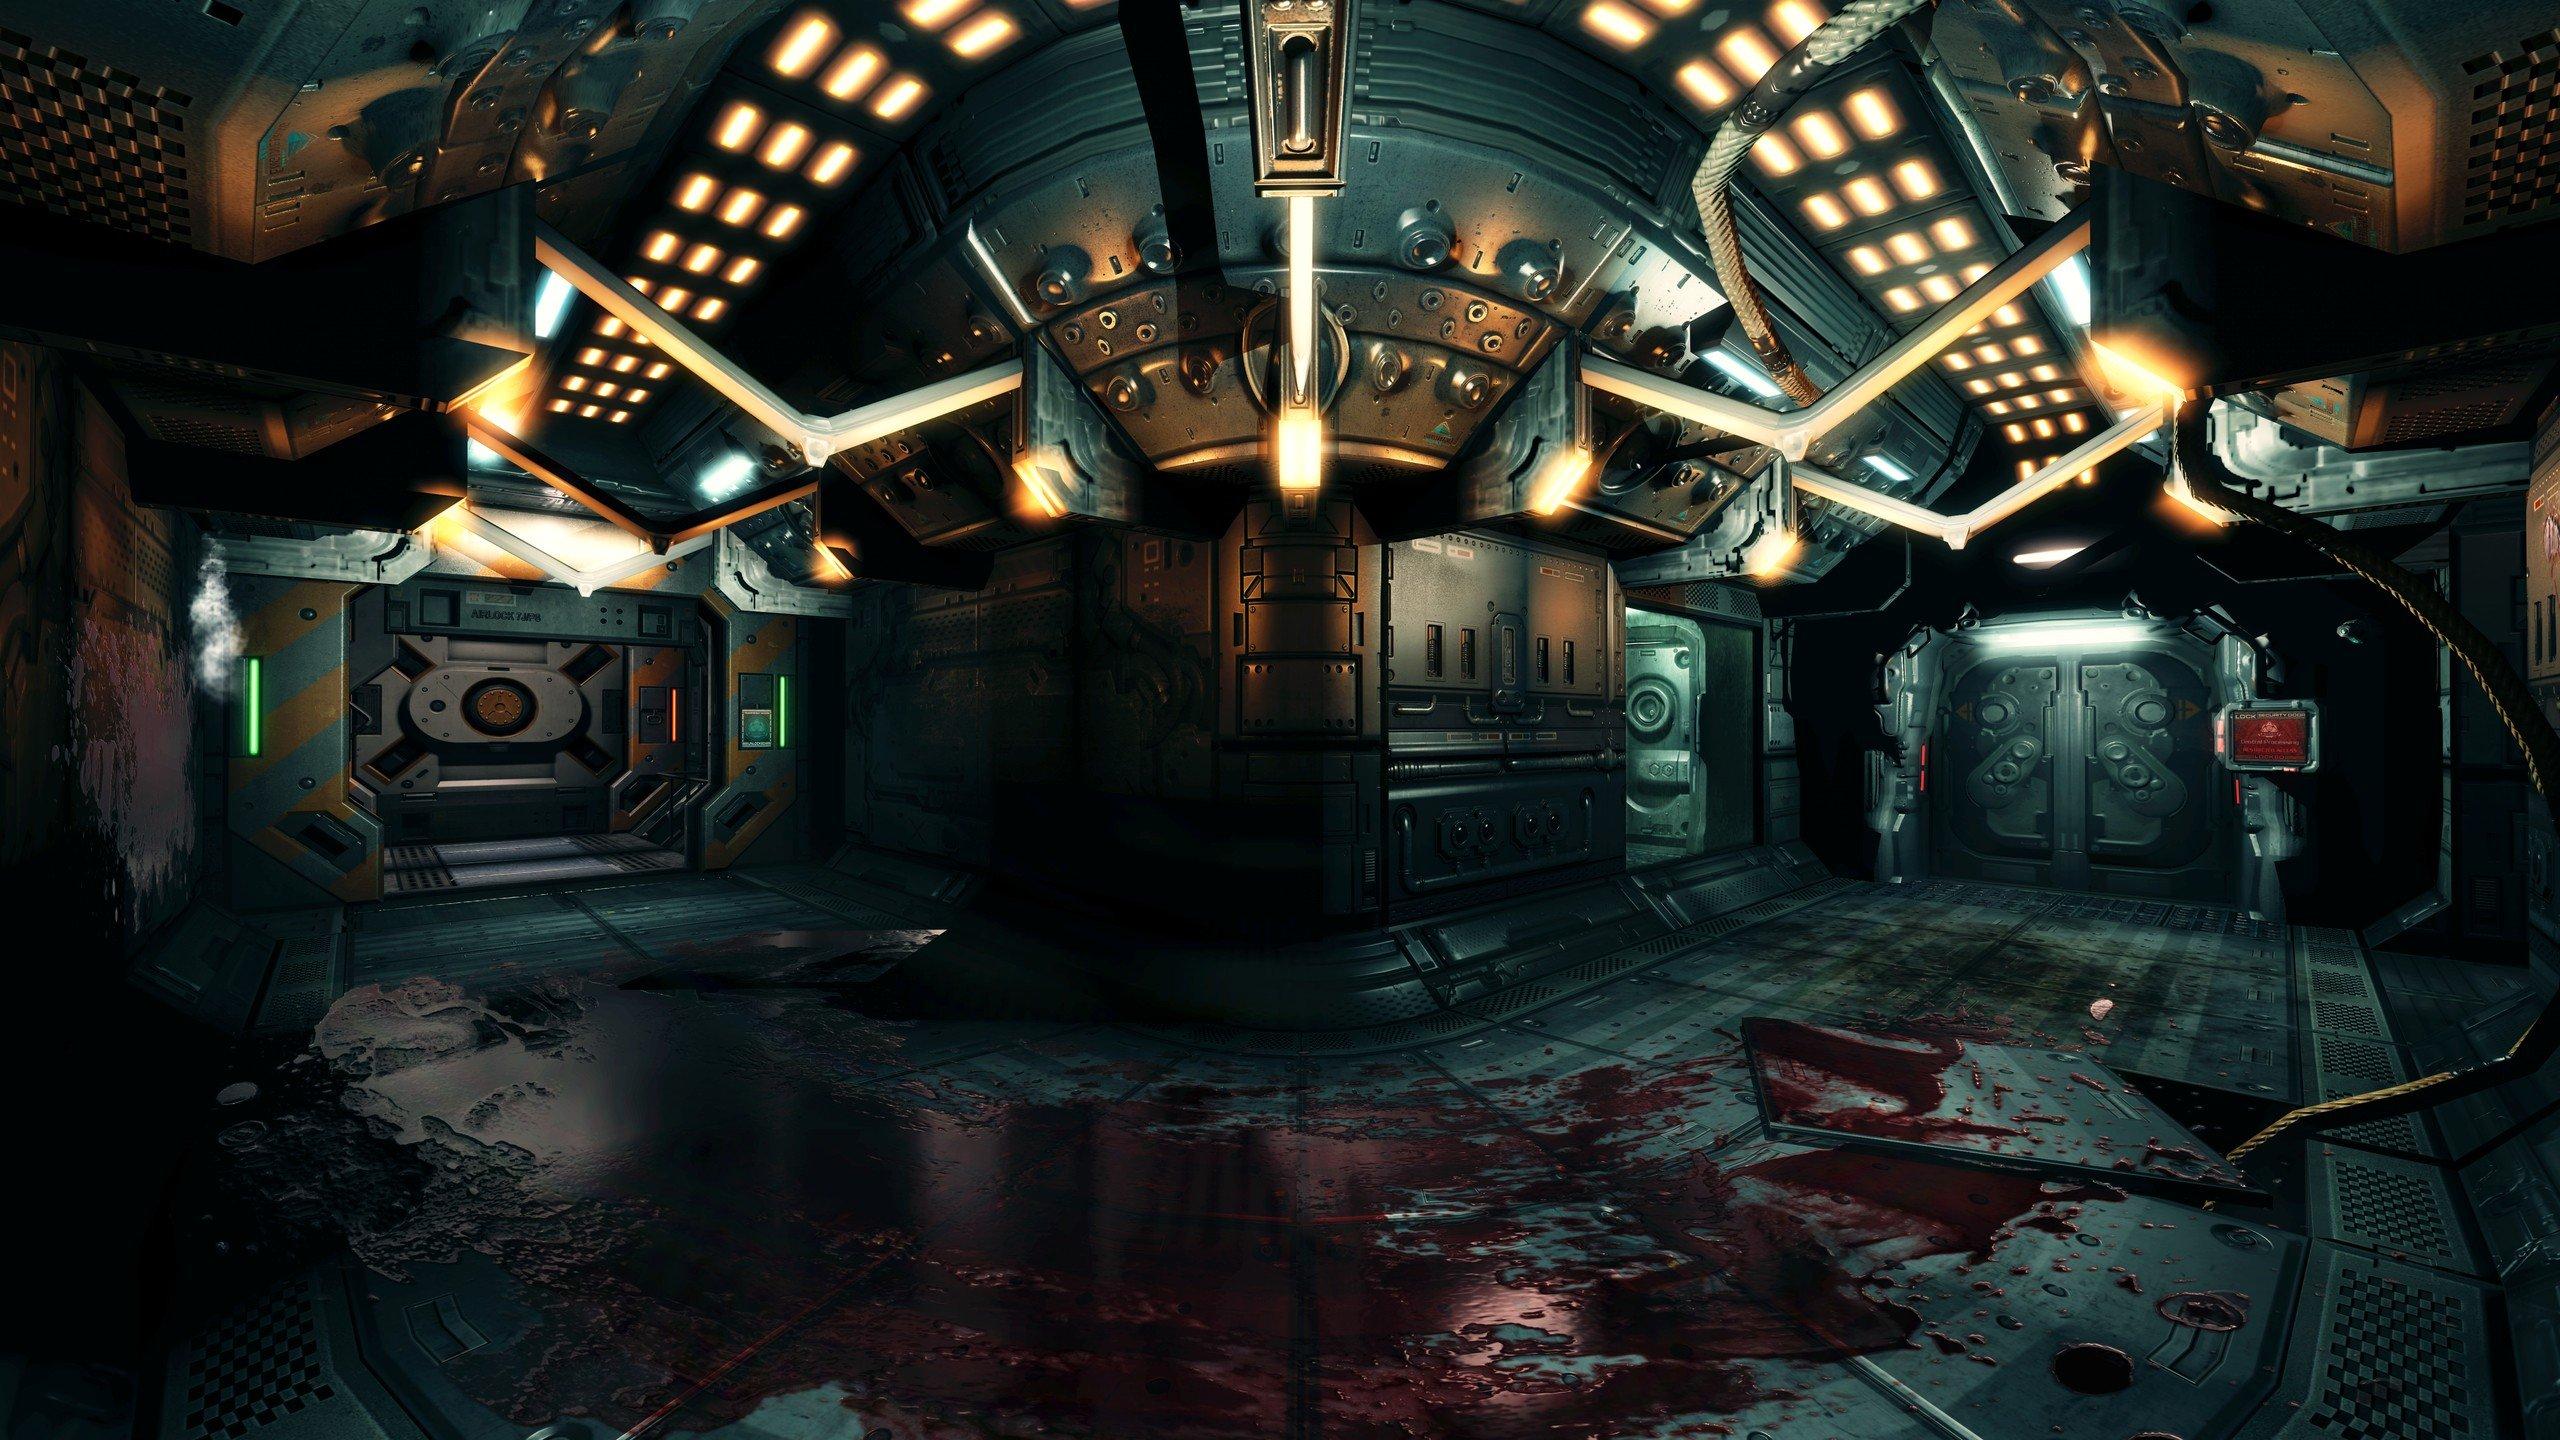 Doom Game Wallpaper 70 Images: Video Games Doom 3 Wallpaper